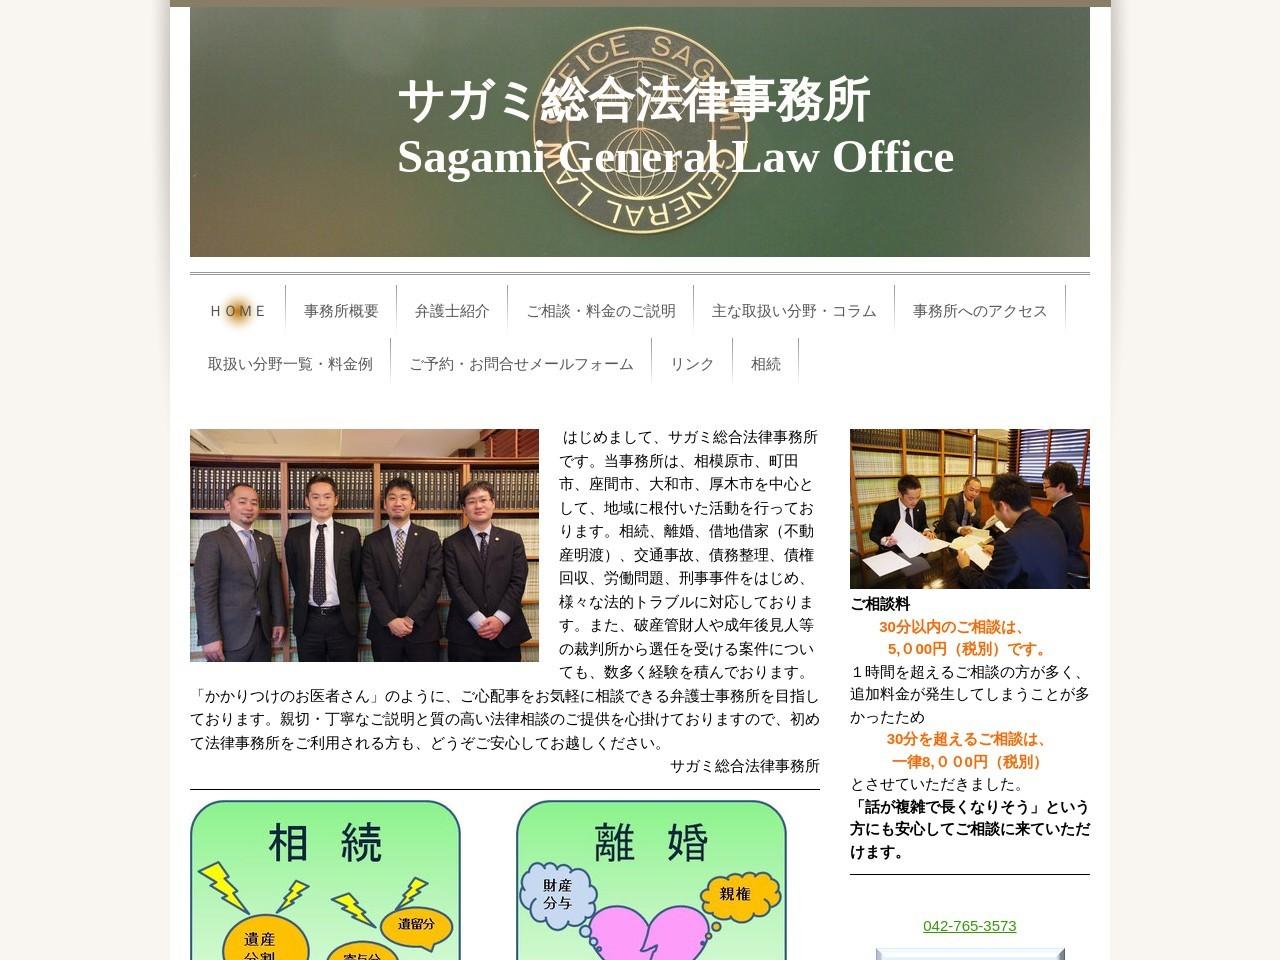 サガミ総合法律事務所